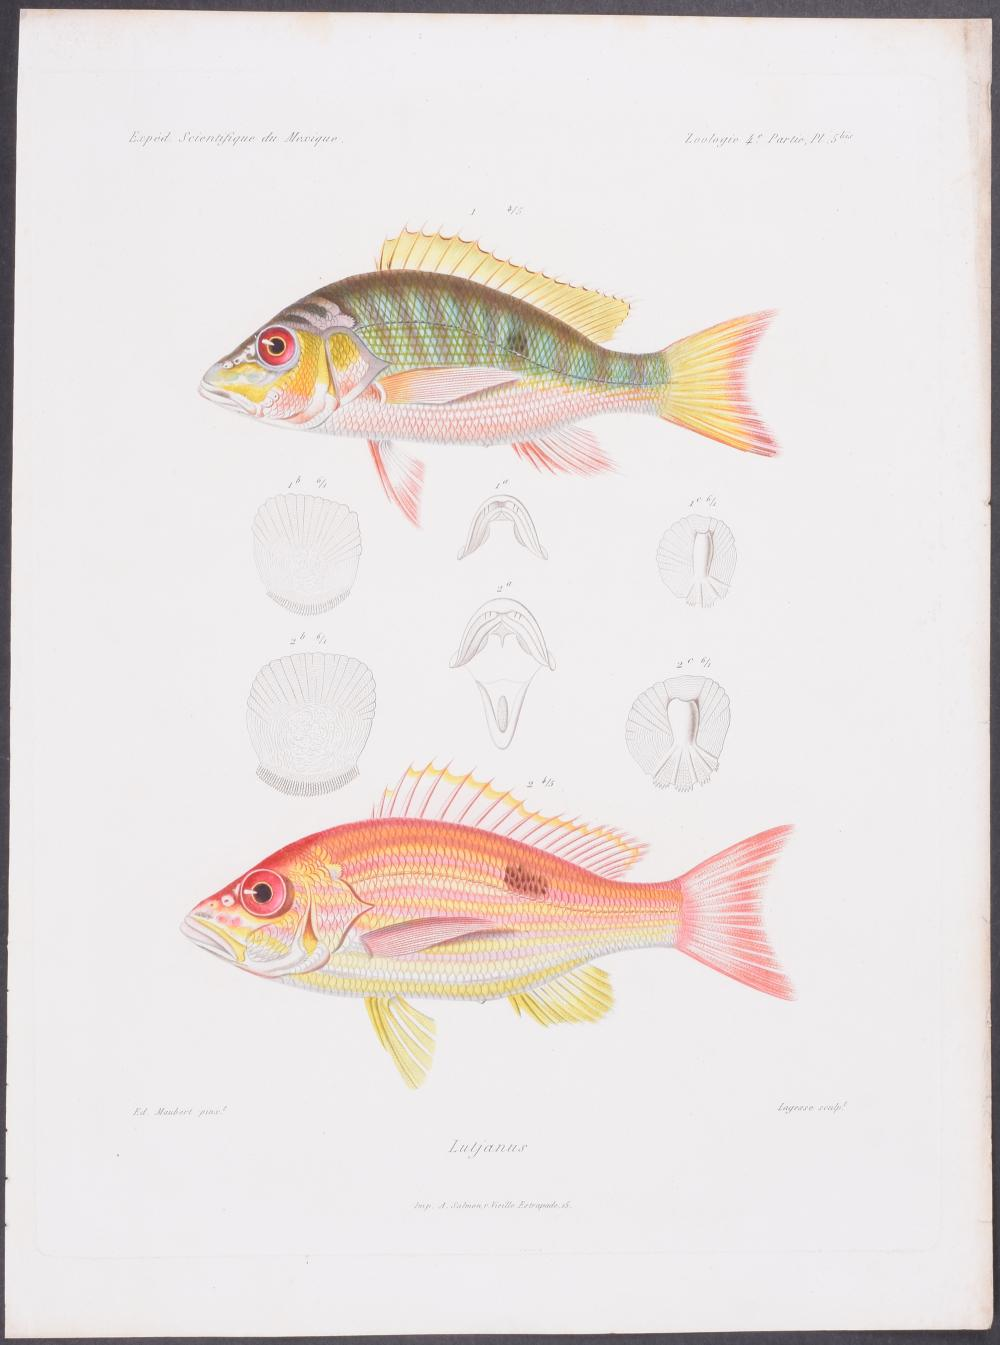 Lot 11130: Vaillant & Bocourt - Fish. 5b